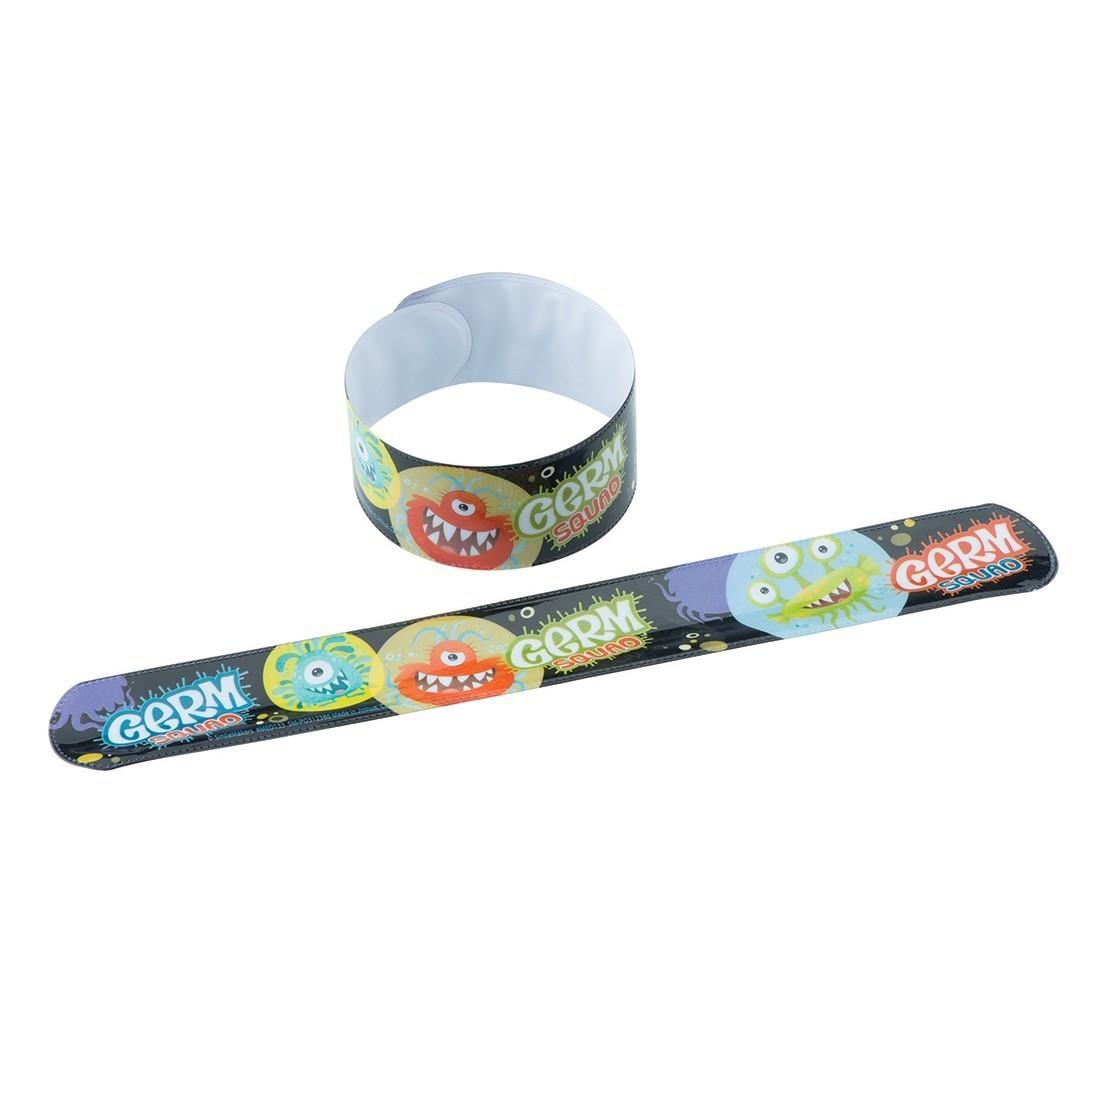 Germ Squad Slap Bracelets [image]